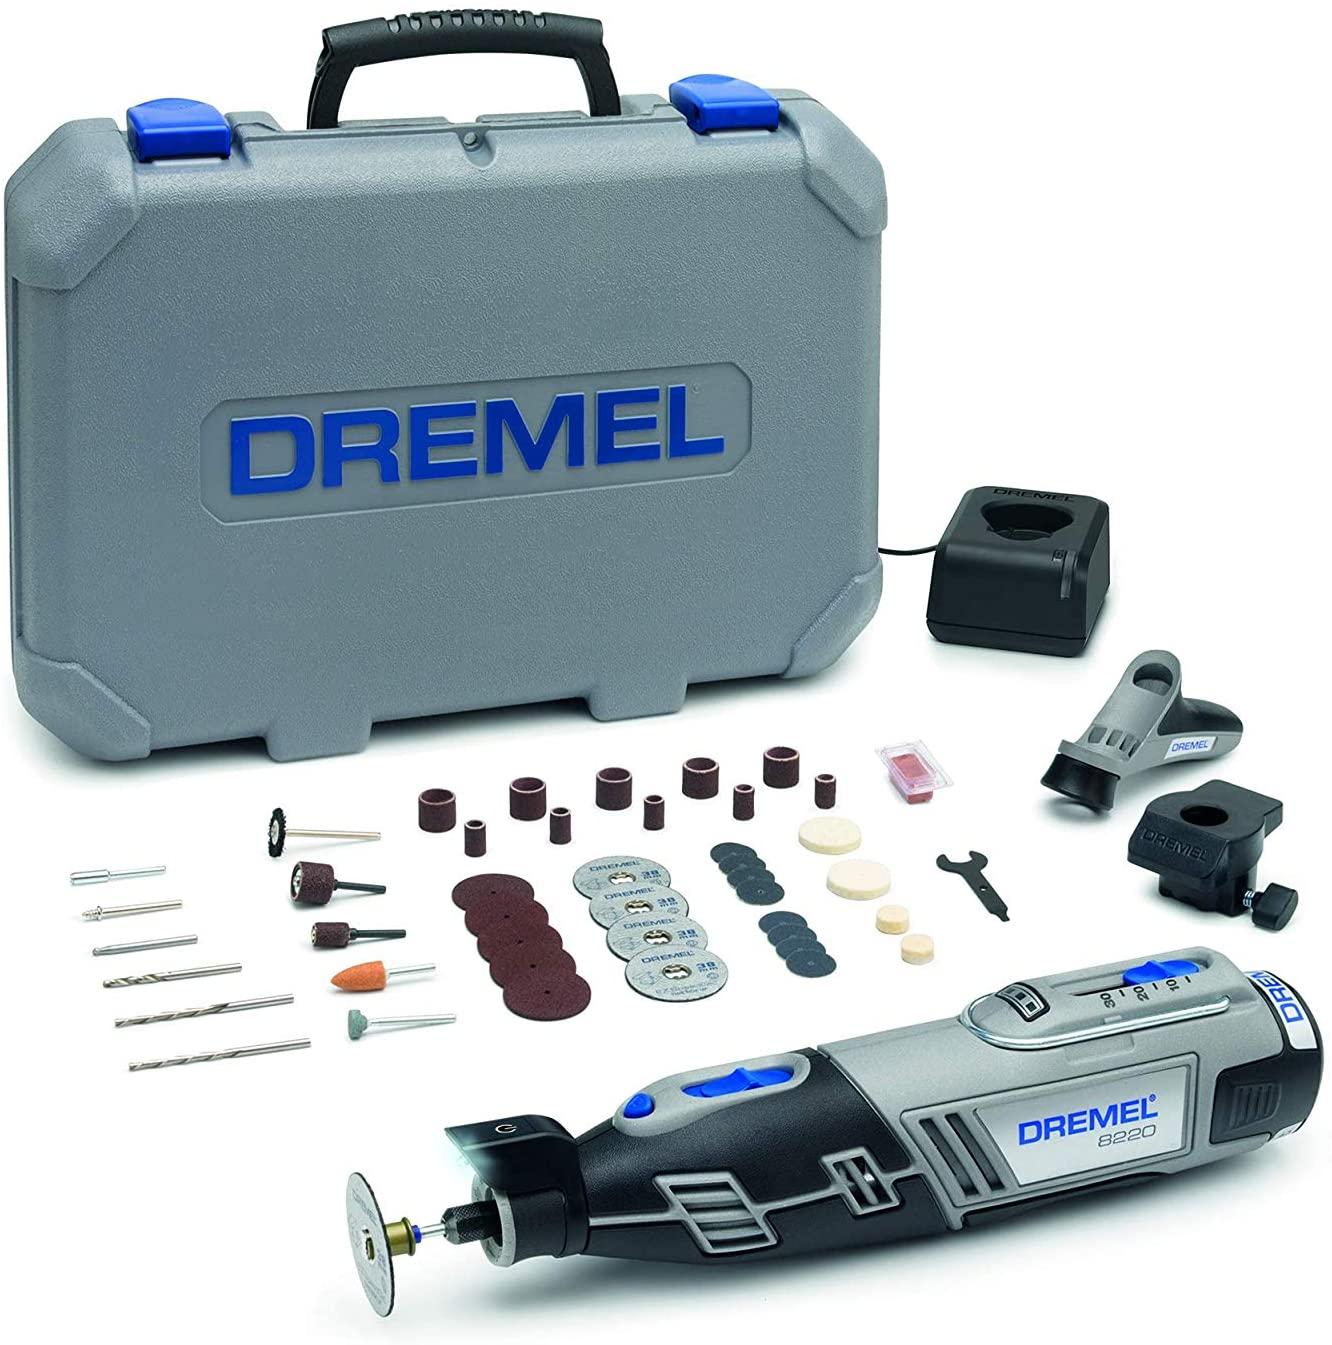 Outil Rotatif Multifonction Dremel 8220 + 45 accessoires